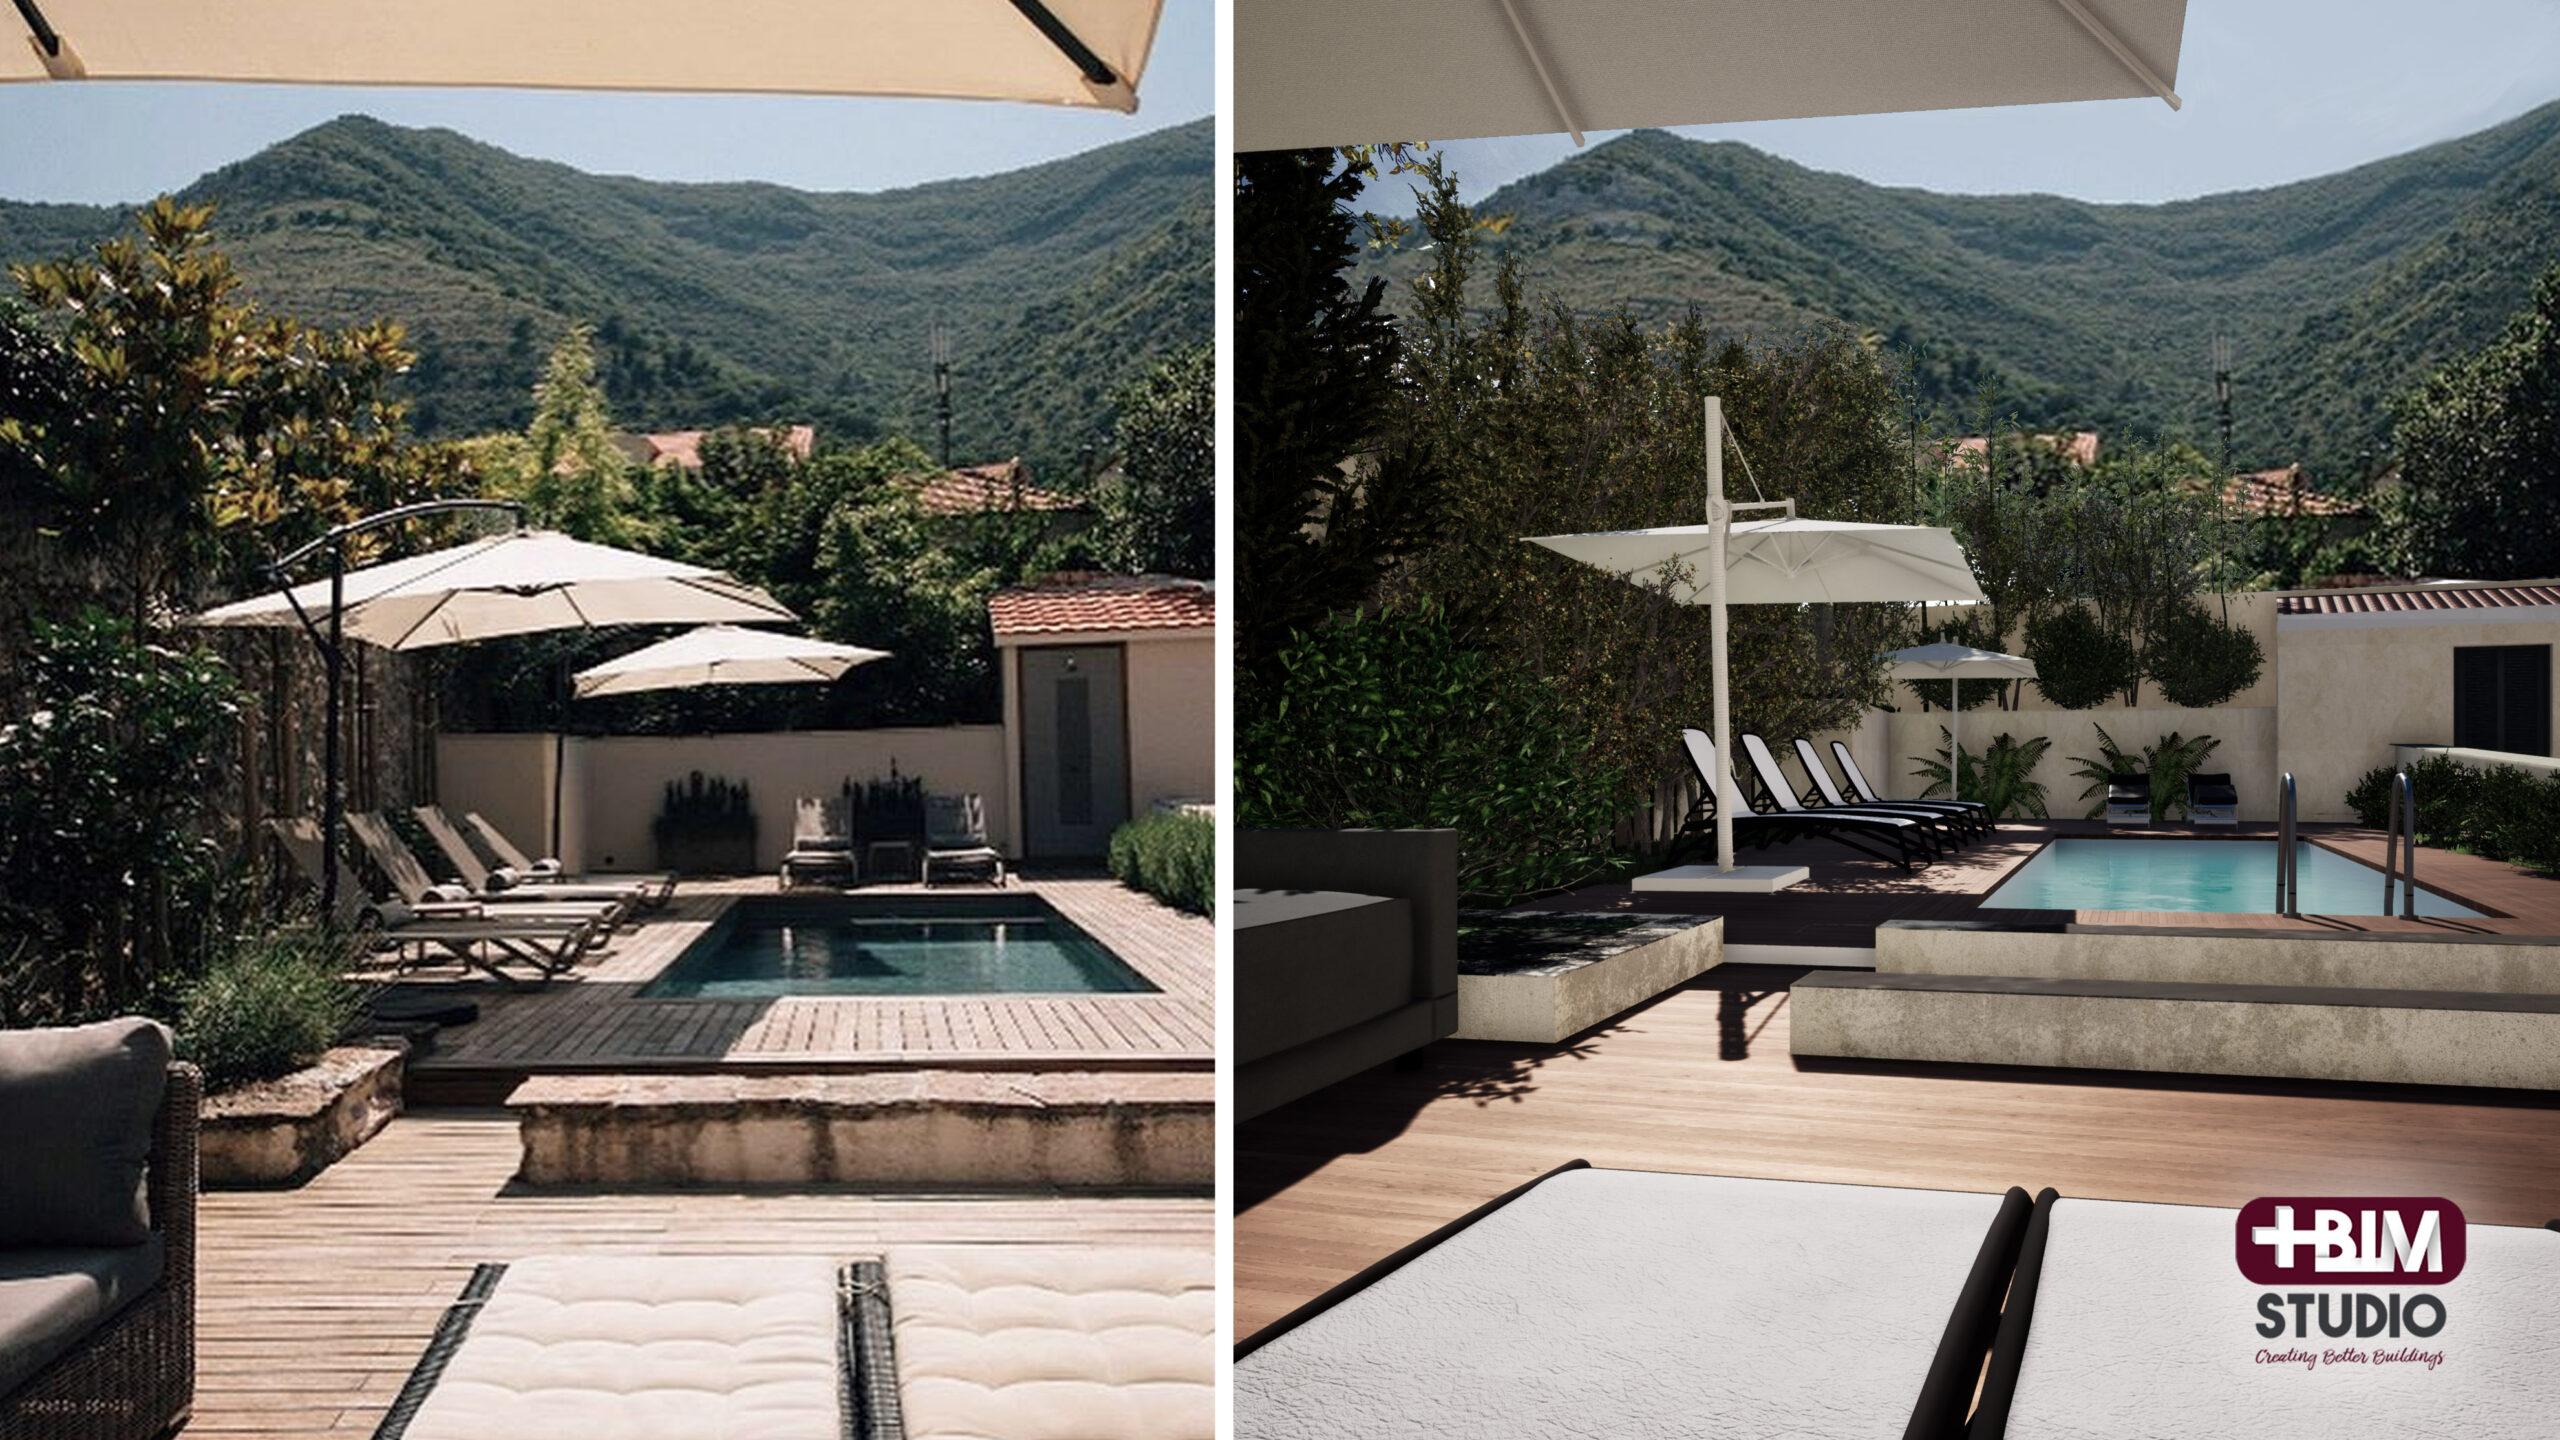 MASBIM - Montenegro - Zona piscina